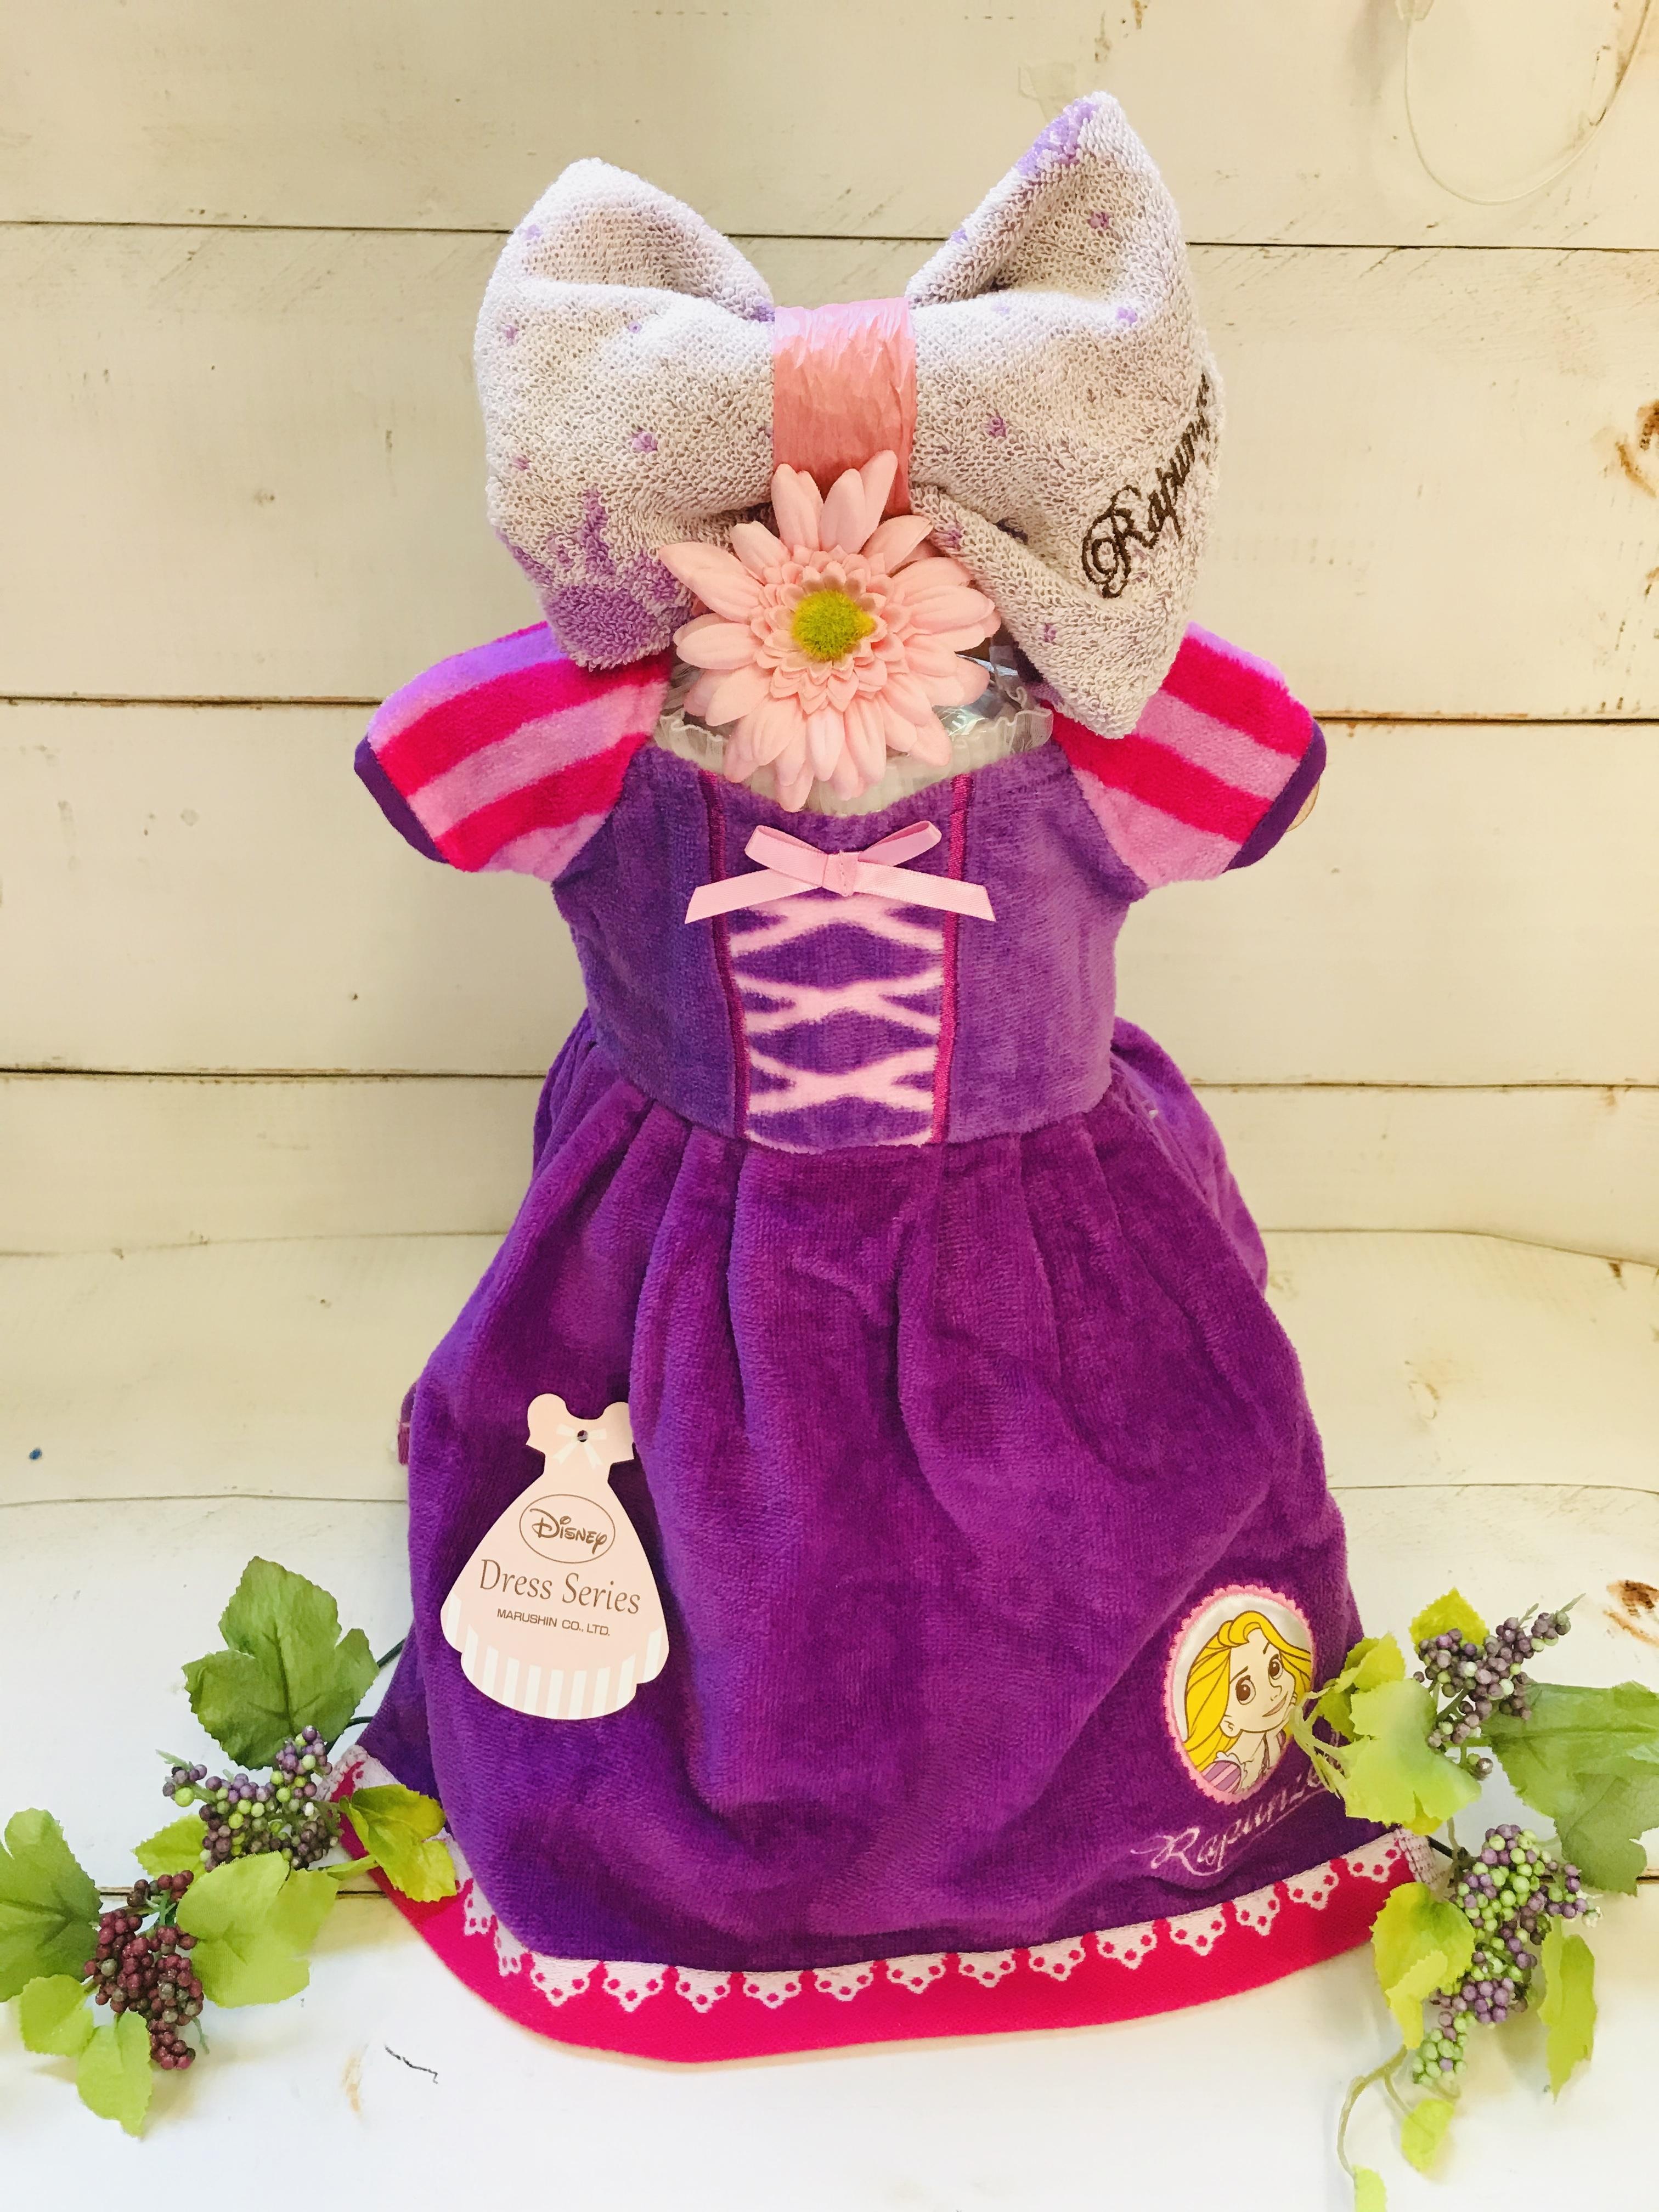 ディズニープリンセス おむつドレス(ラプンツェル) おむつケーキ  出産祝い ギフト オシャレ 個性的  かわいい  キャラクター